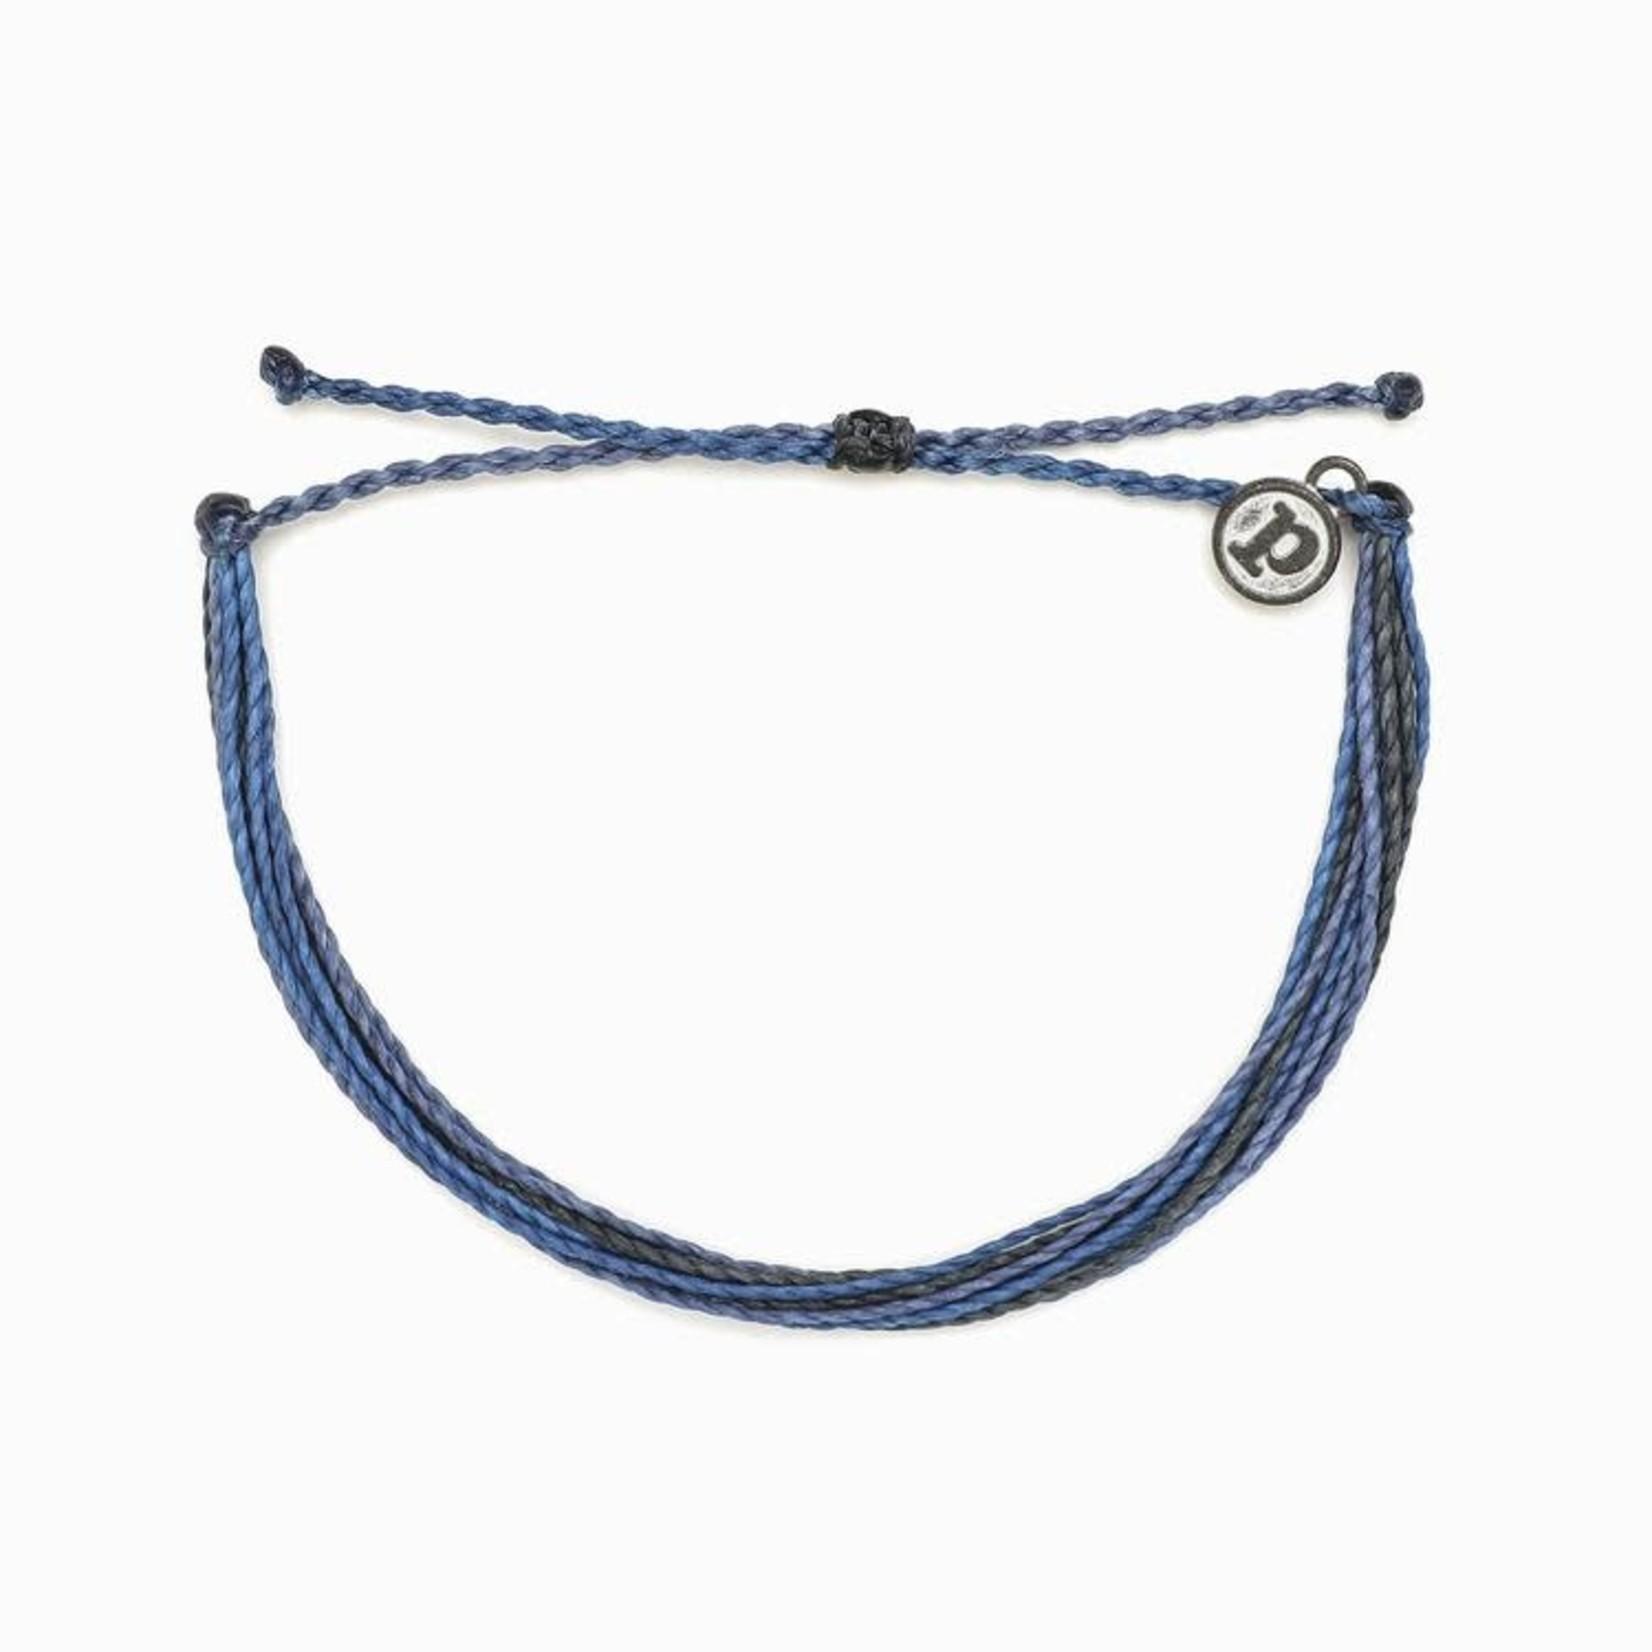 Pura Vida Jewelry Puravida Original Bracelet.